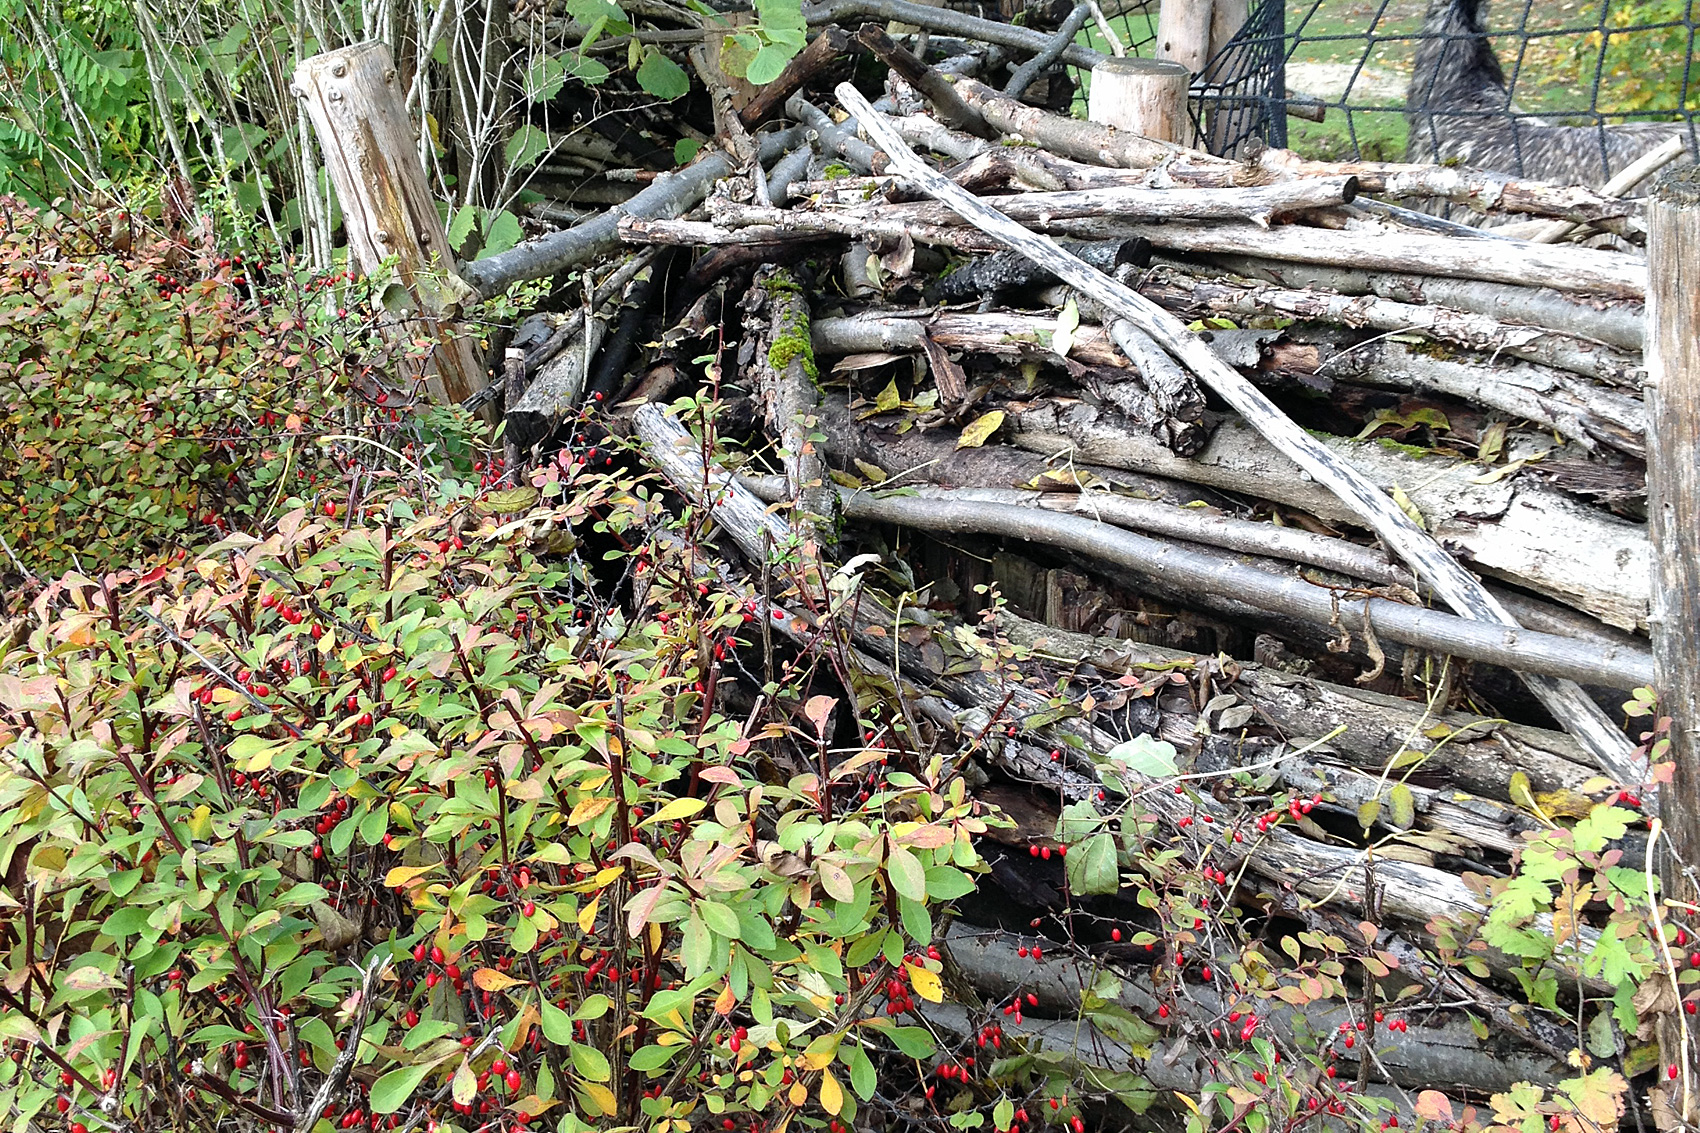 totholz im garten wie zum beispiel einen alten baumstamm oder knorrige ste native plants. Black Bedroom Furniture Sets. Home Design Ideas